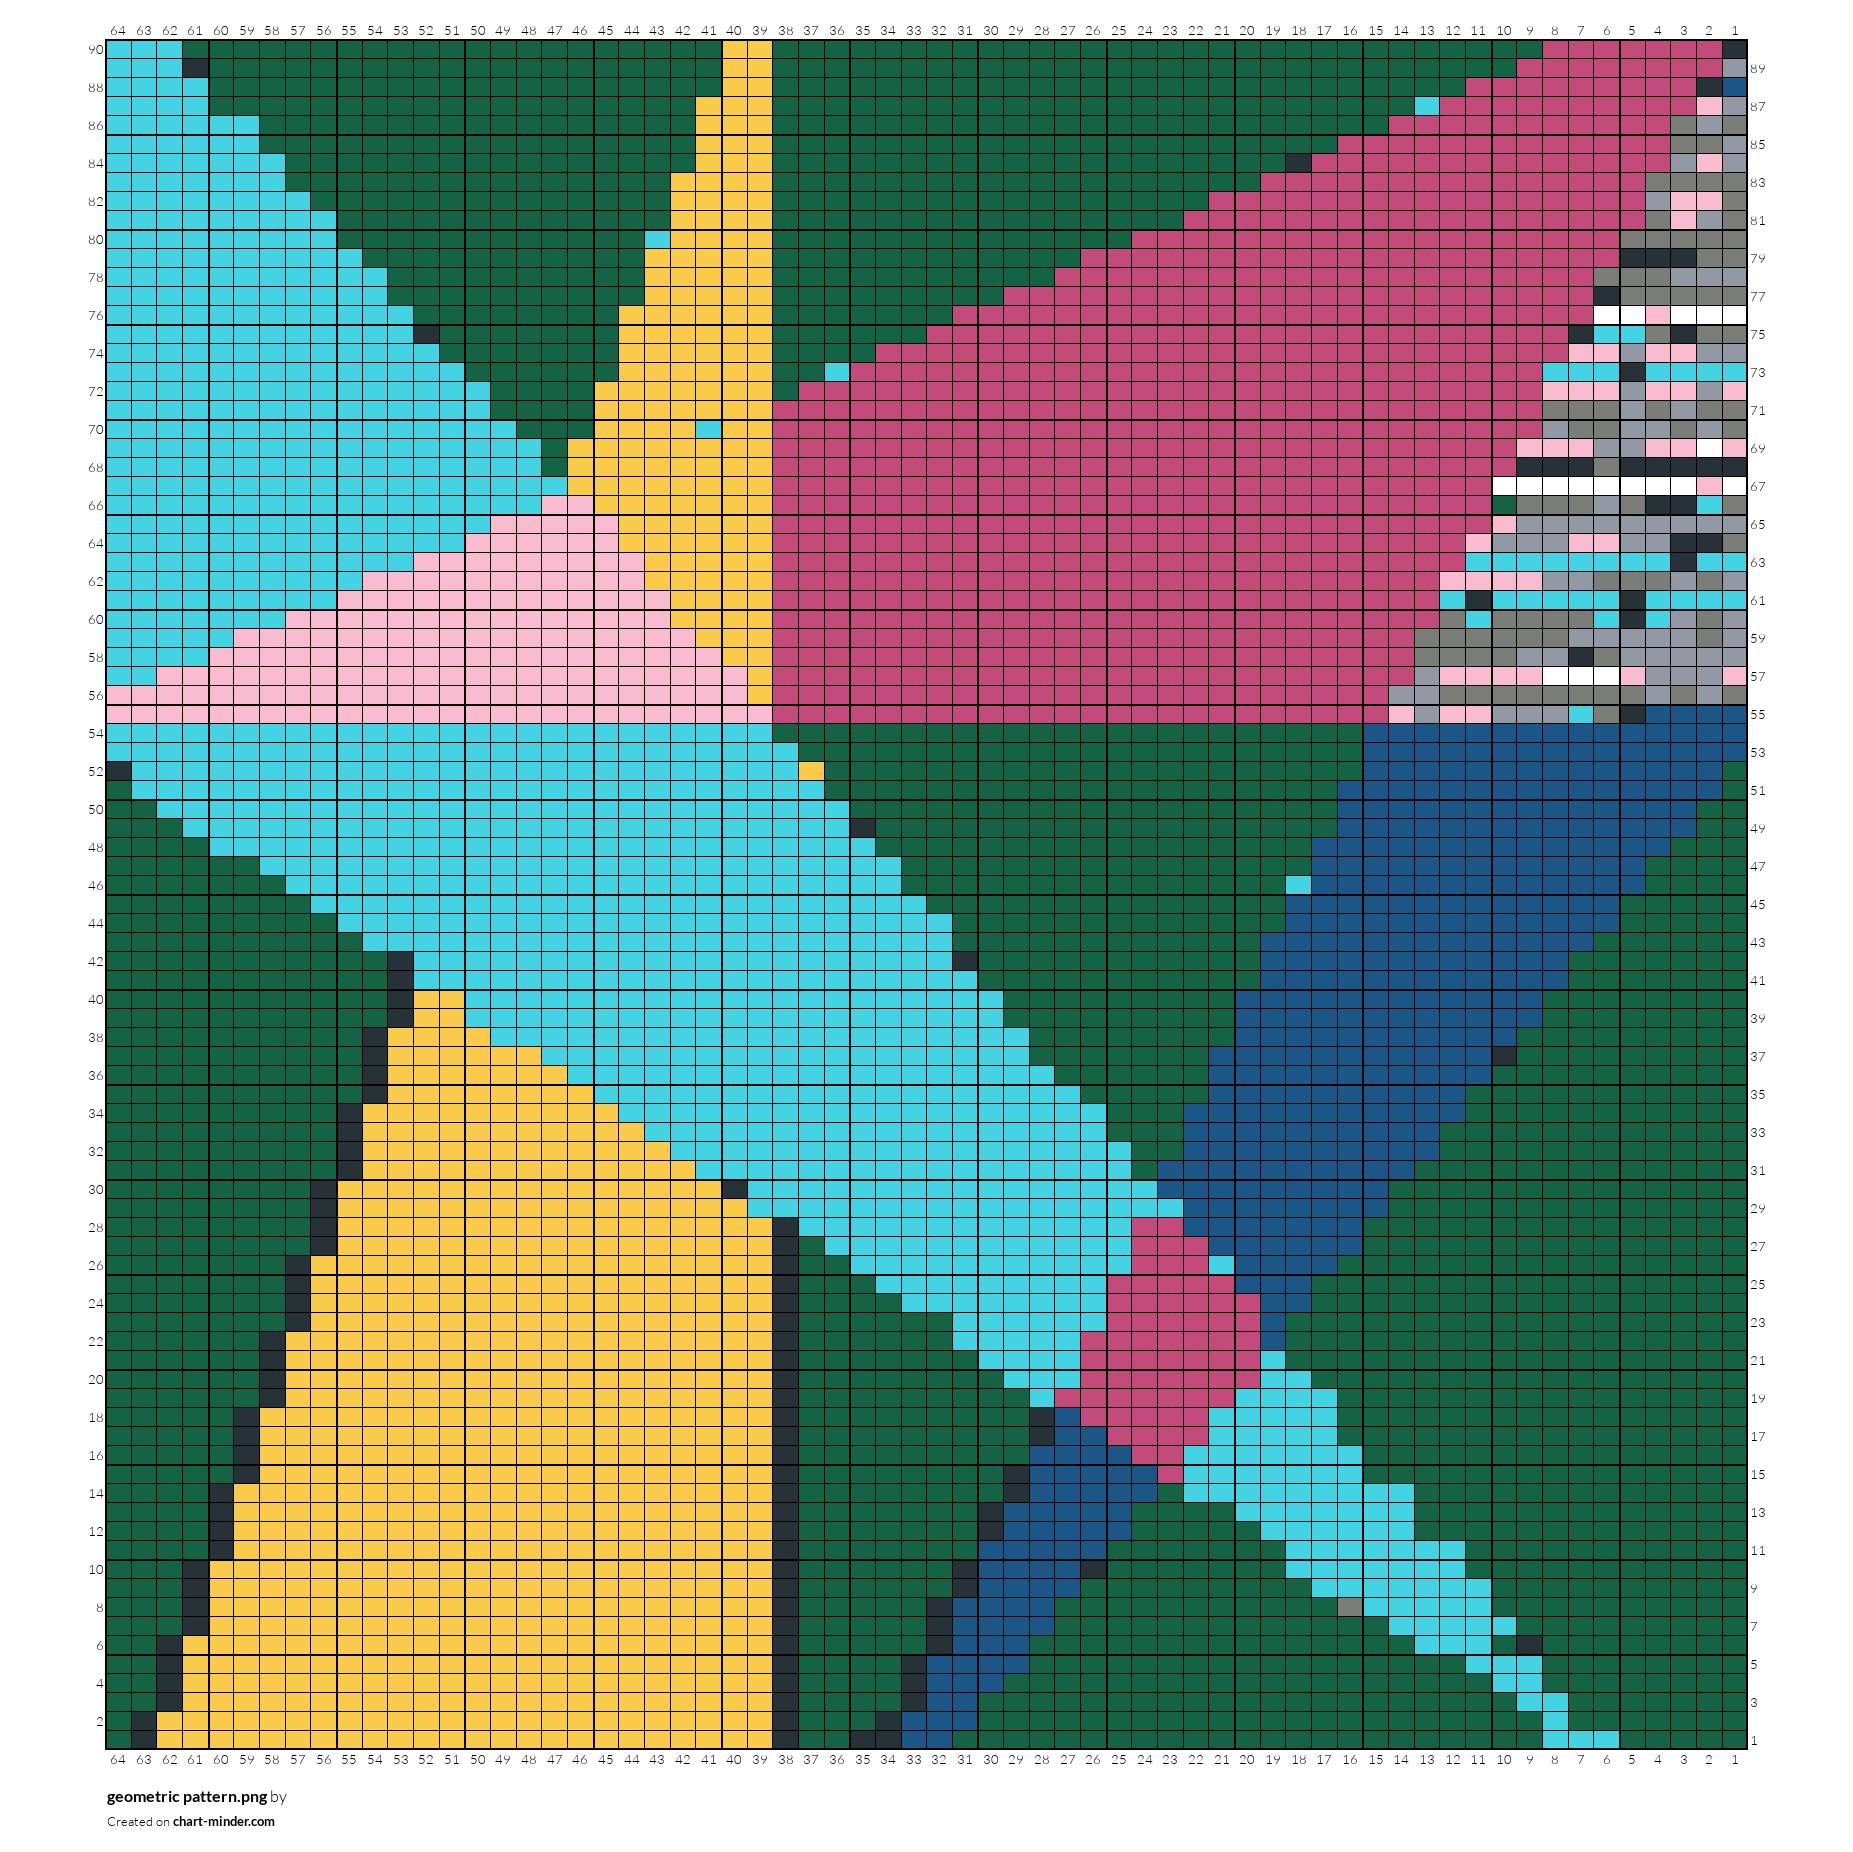 geometric pattern.png